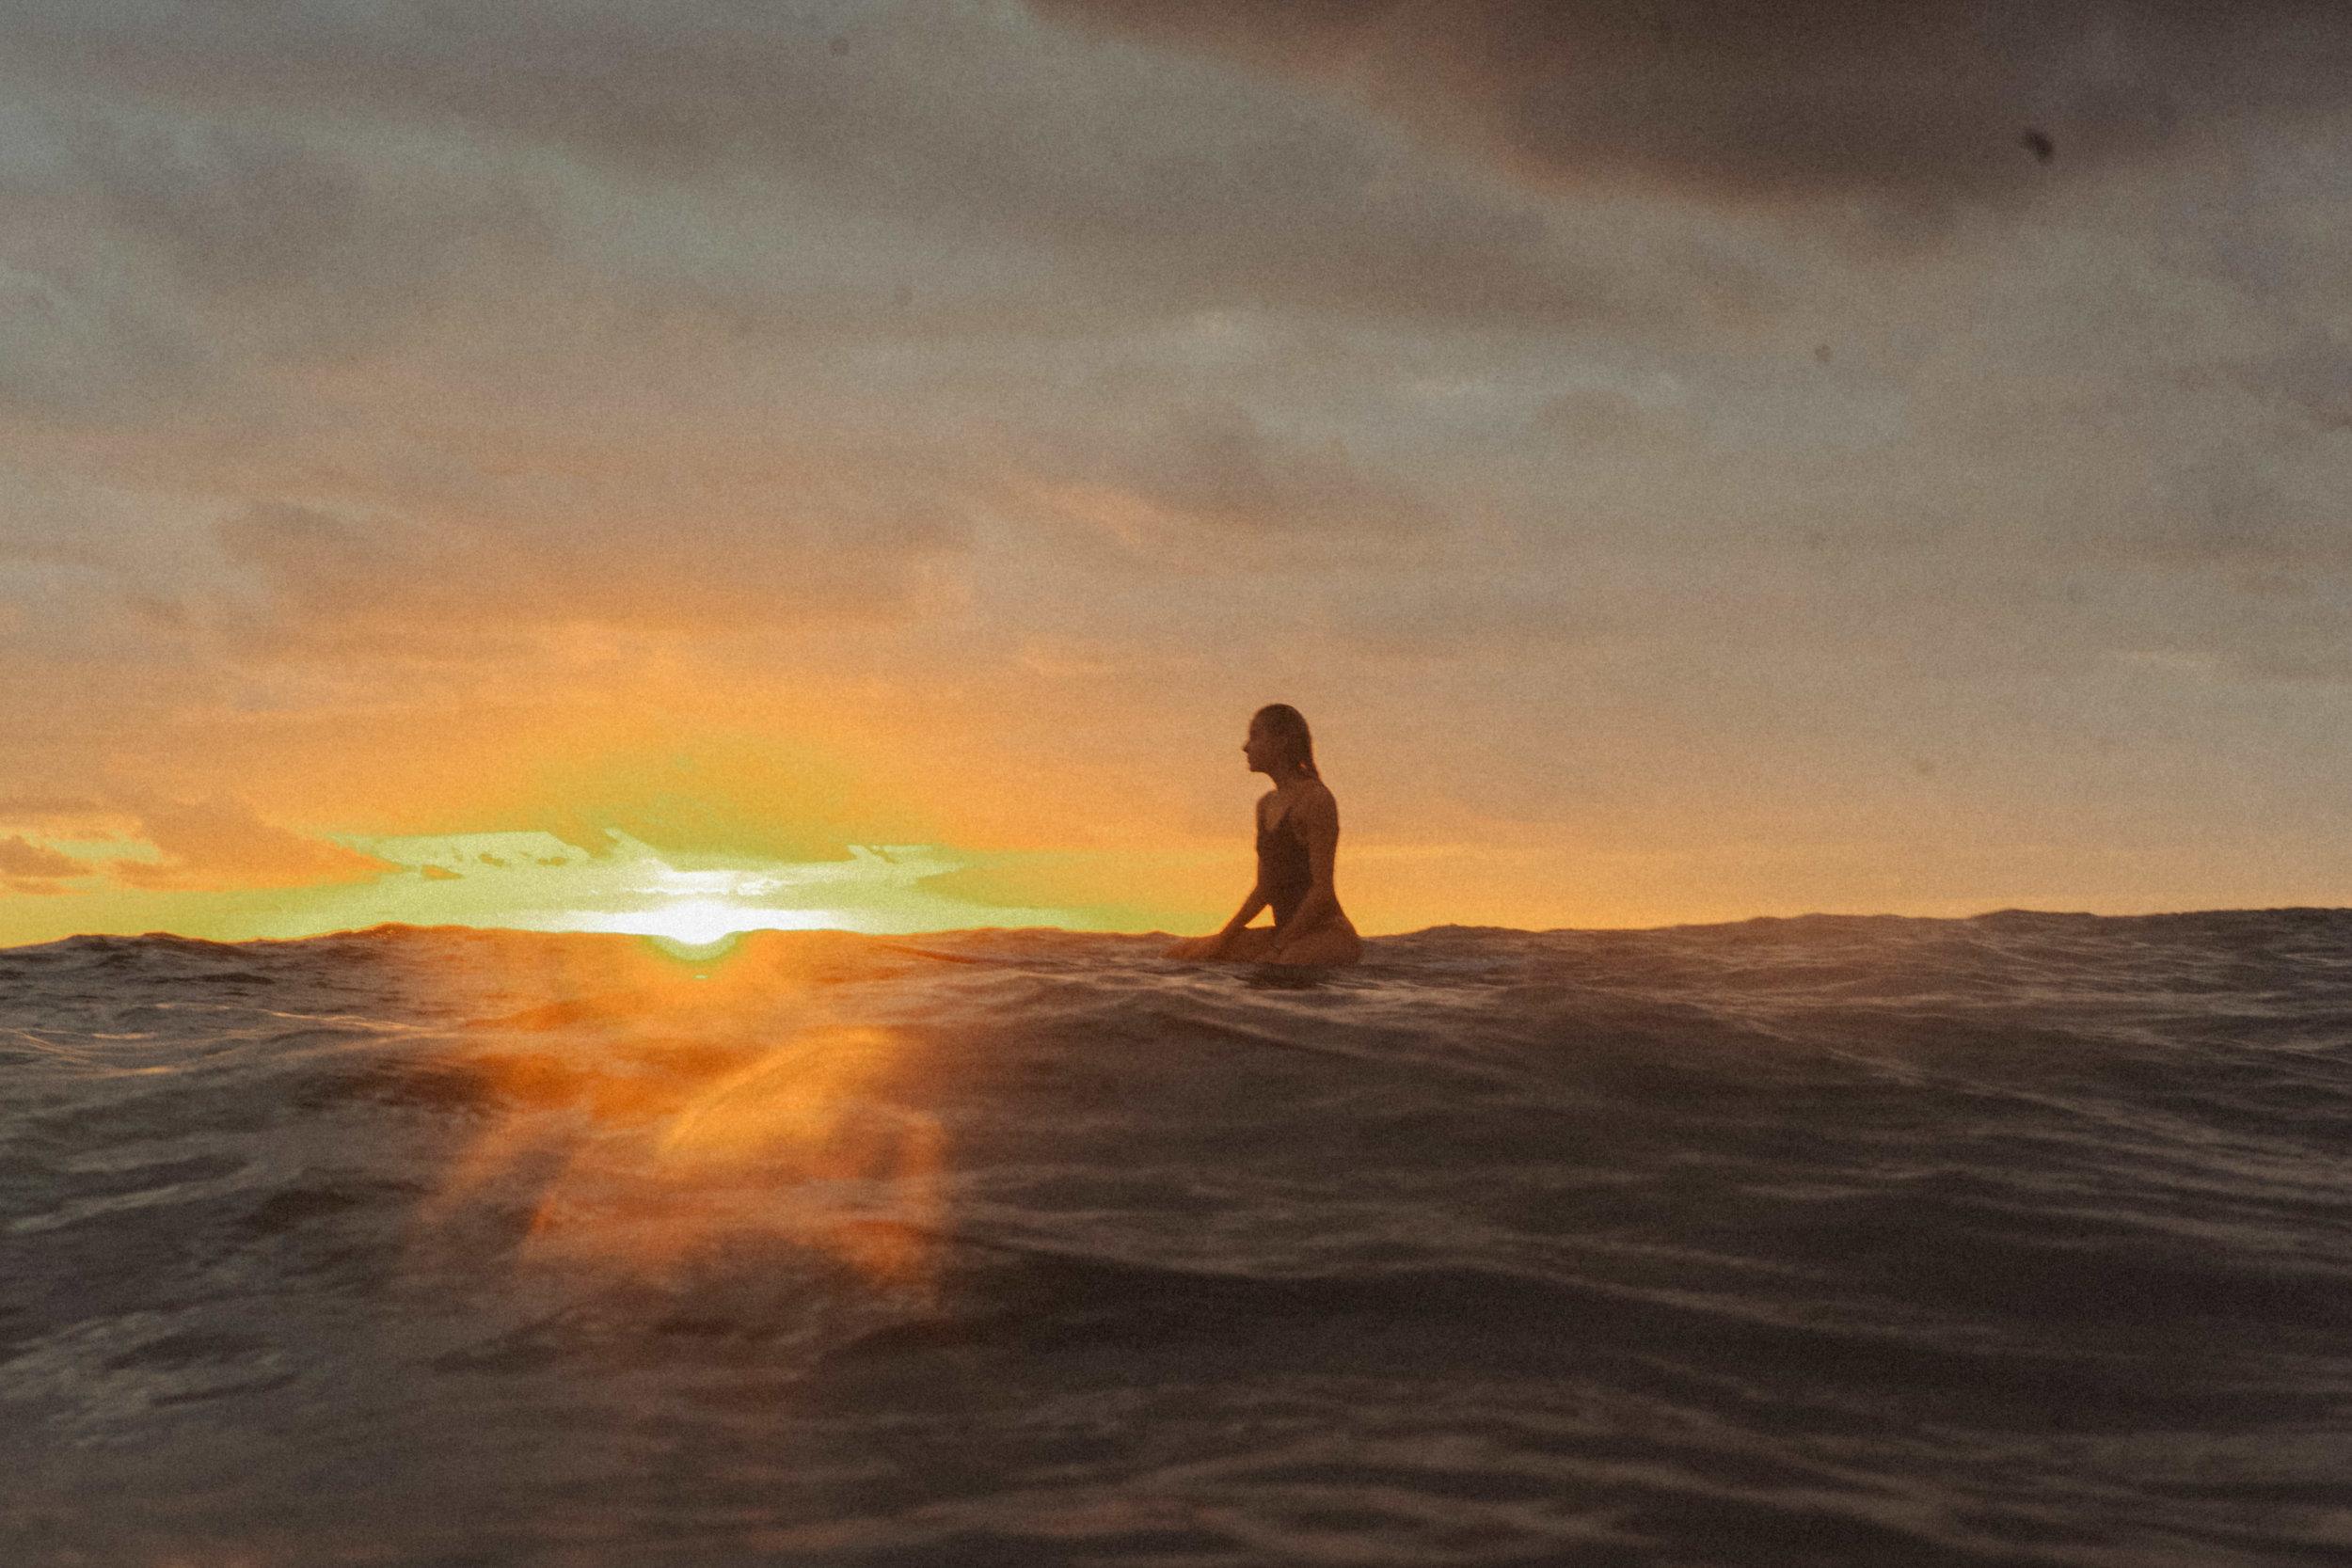 erik_winter_surf_surfing_17.jpg